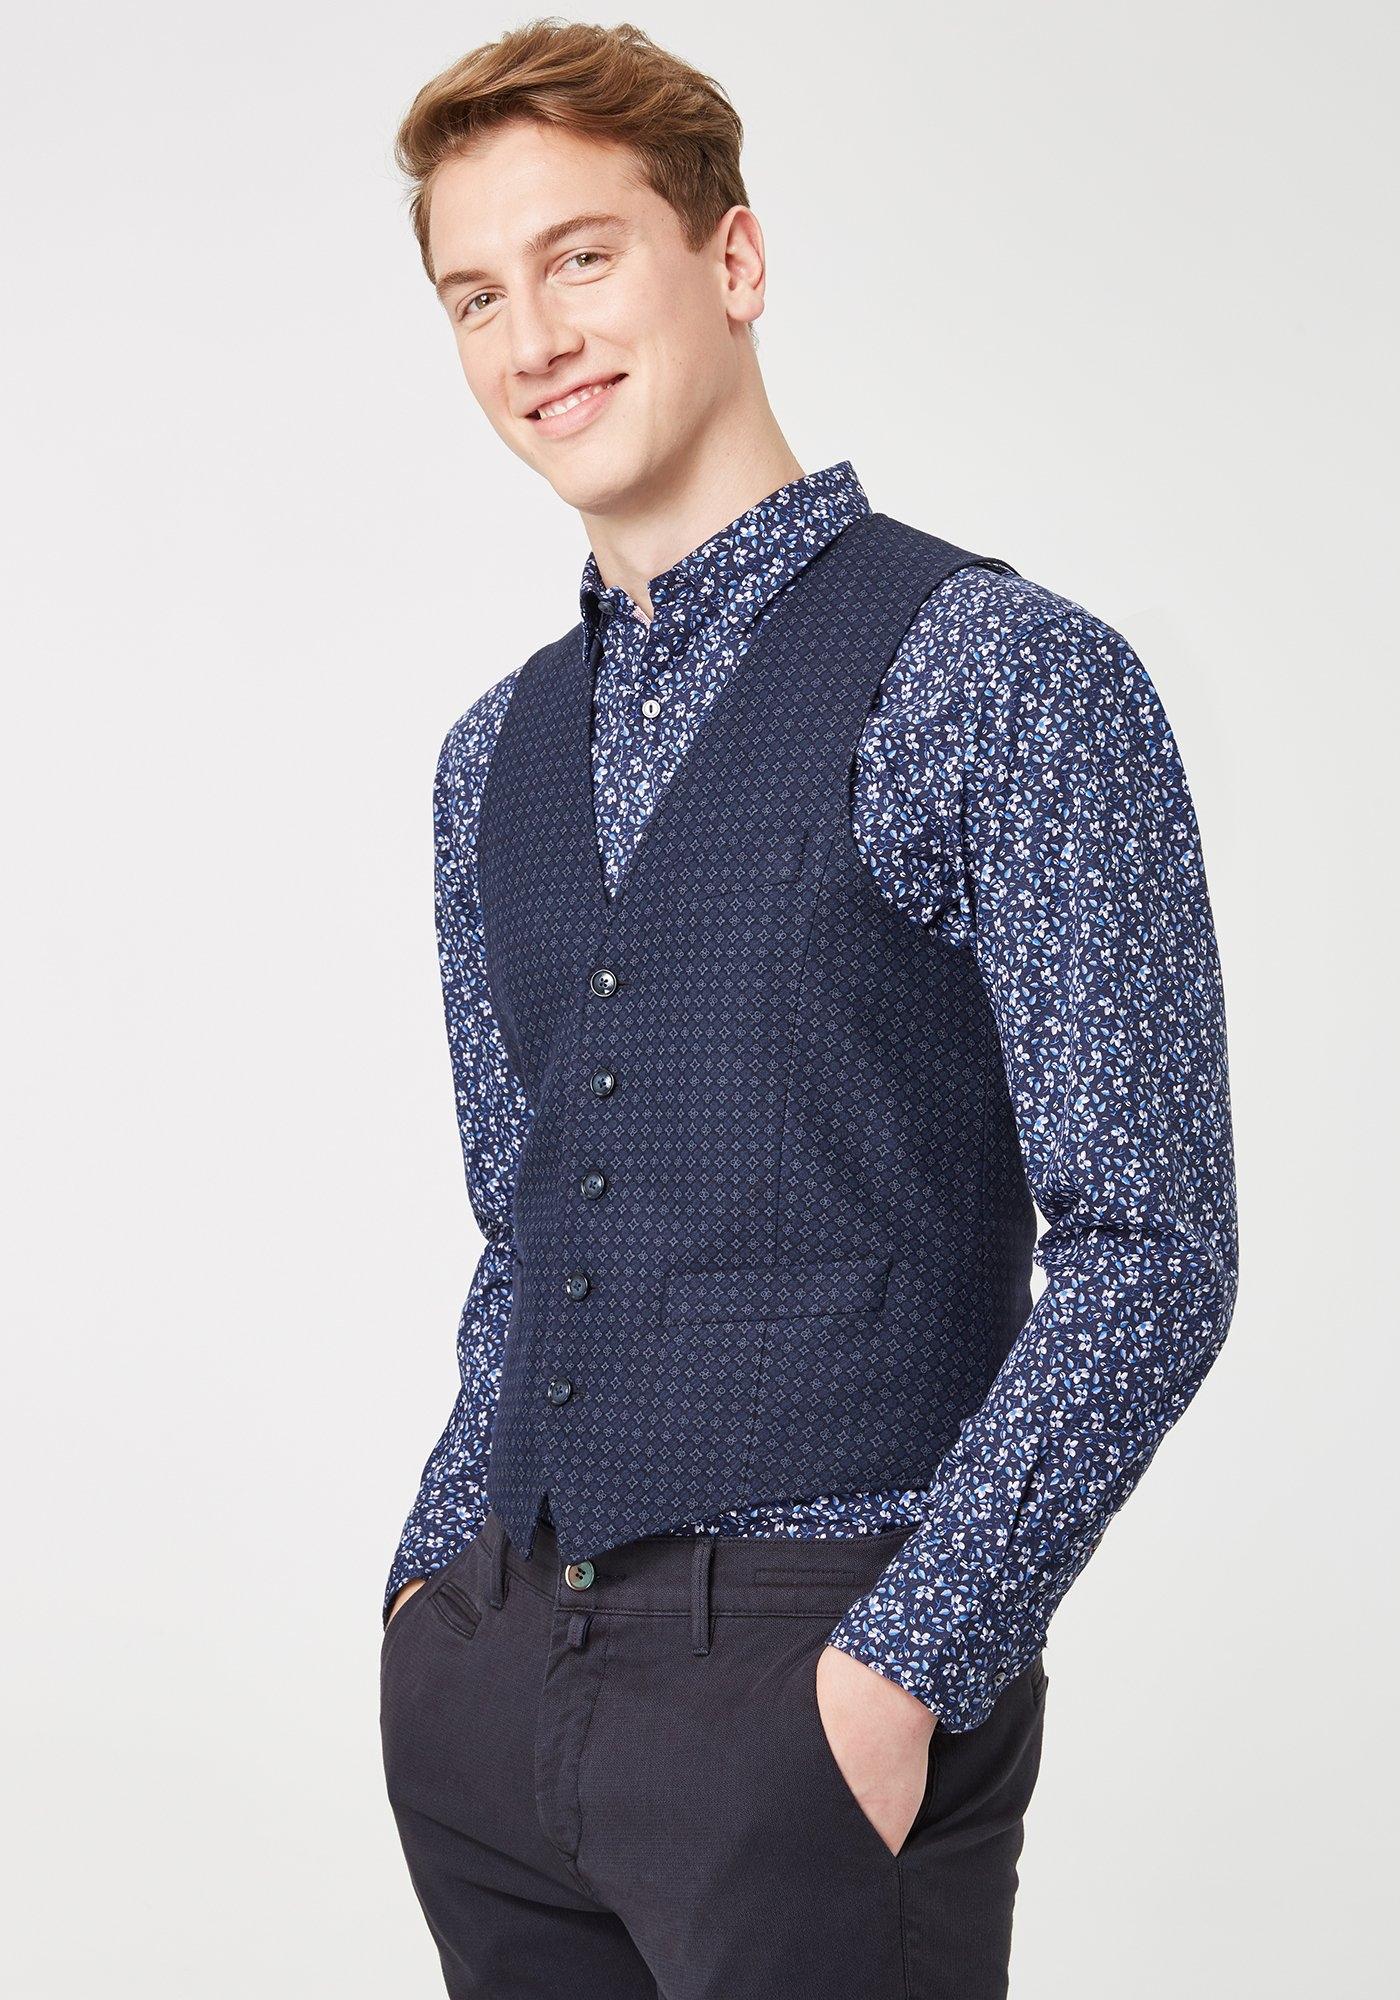 Pierre Cardin Vest met ornamentbedrukking - regular fit »Gabriel« bij OTTO online kopen